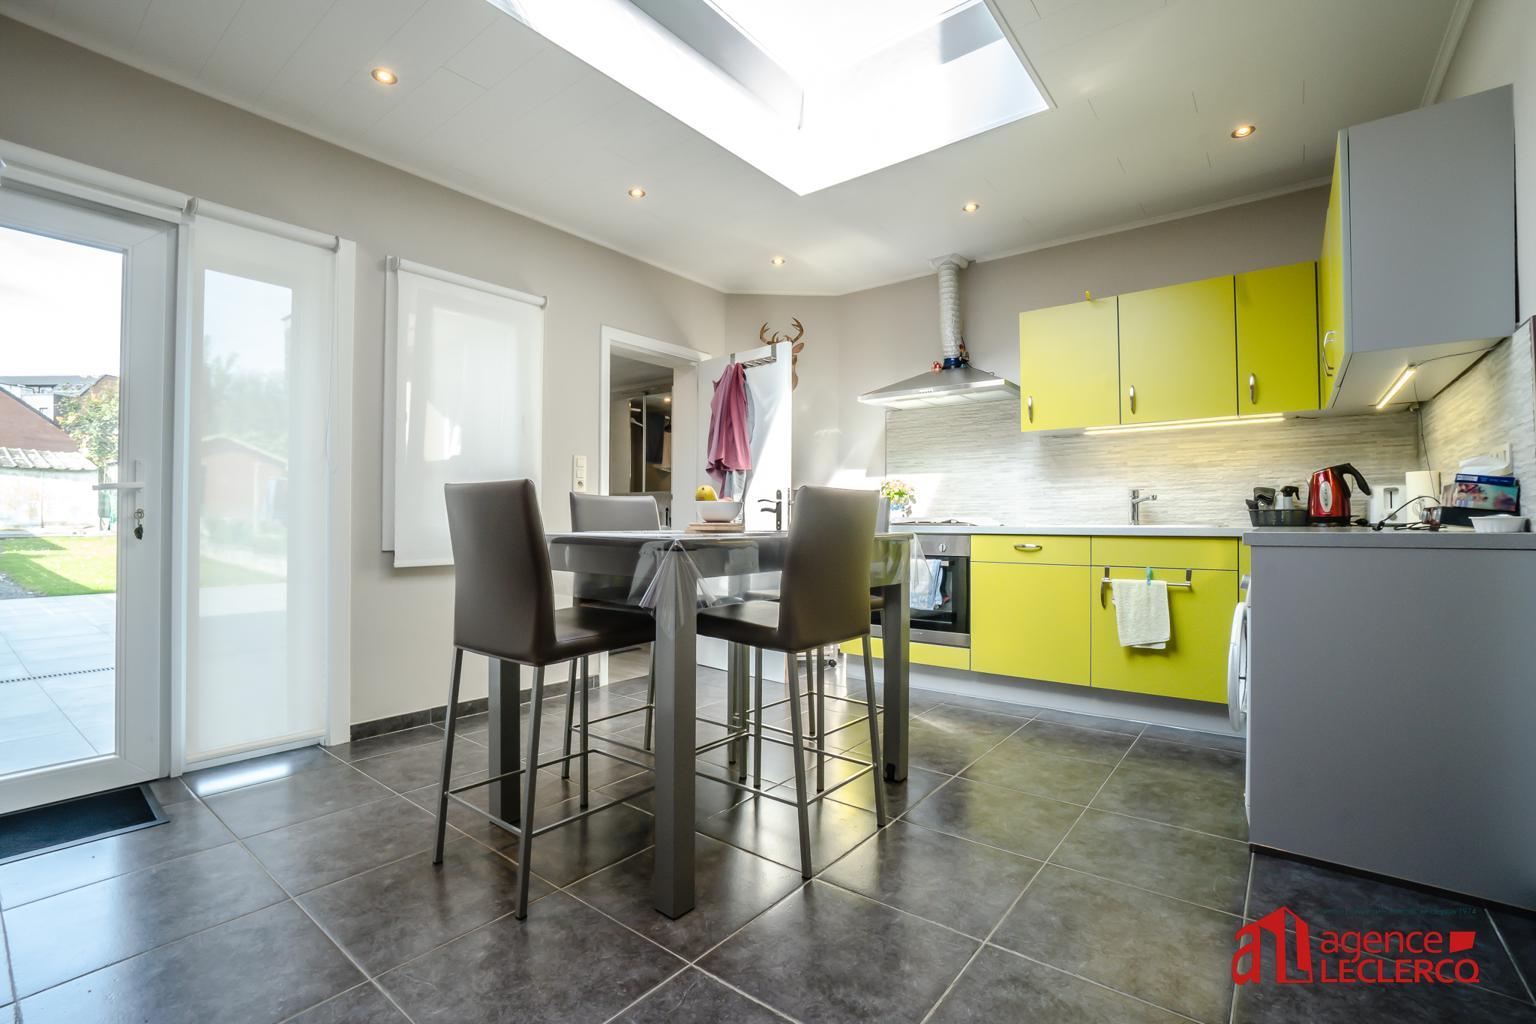 Maison - Tournai - #4518420-6